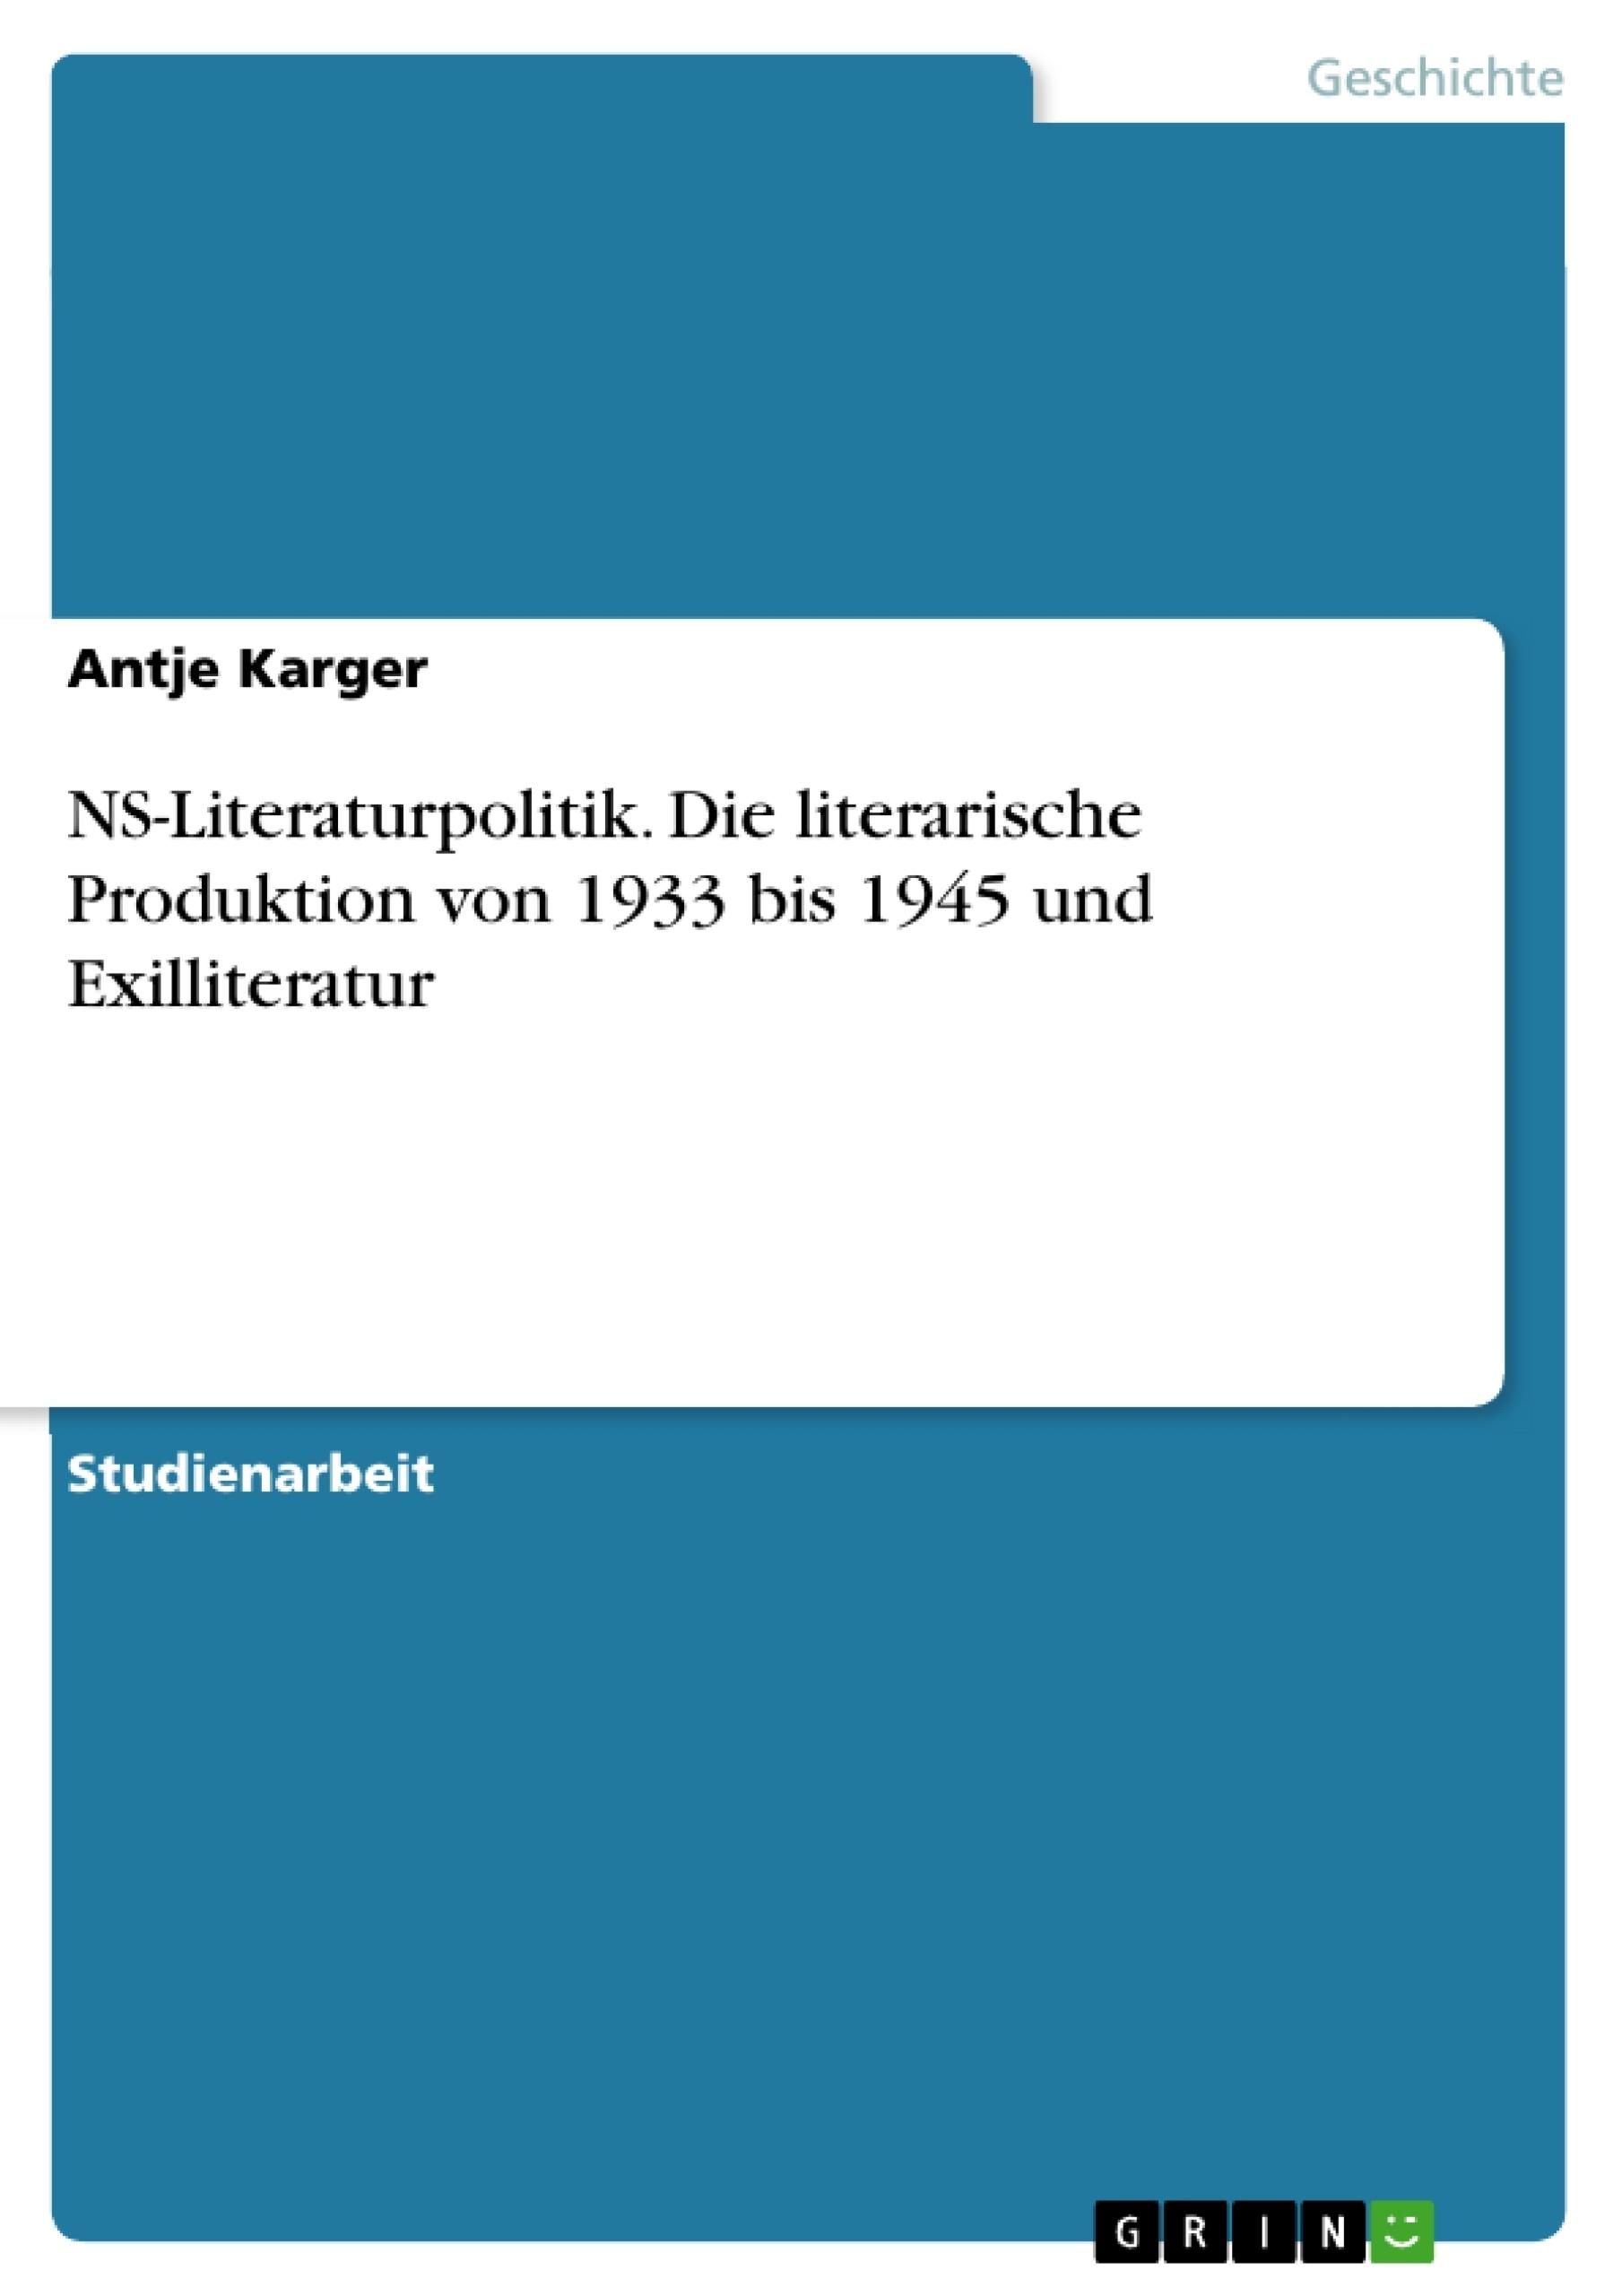 Titel: NS-Literaturpolitik. Die literarische Produktion von 1933 bis 1945 und Exilliteratur